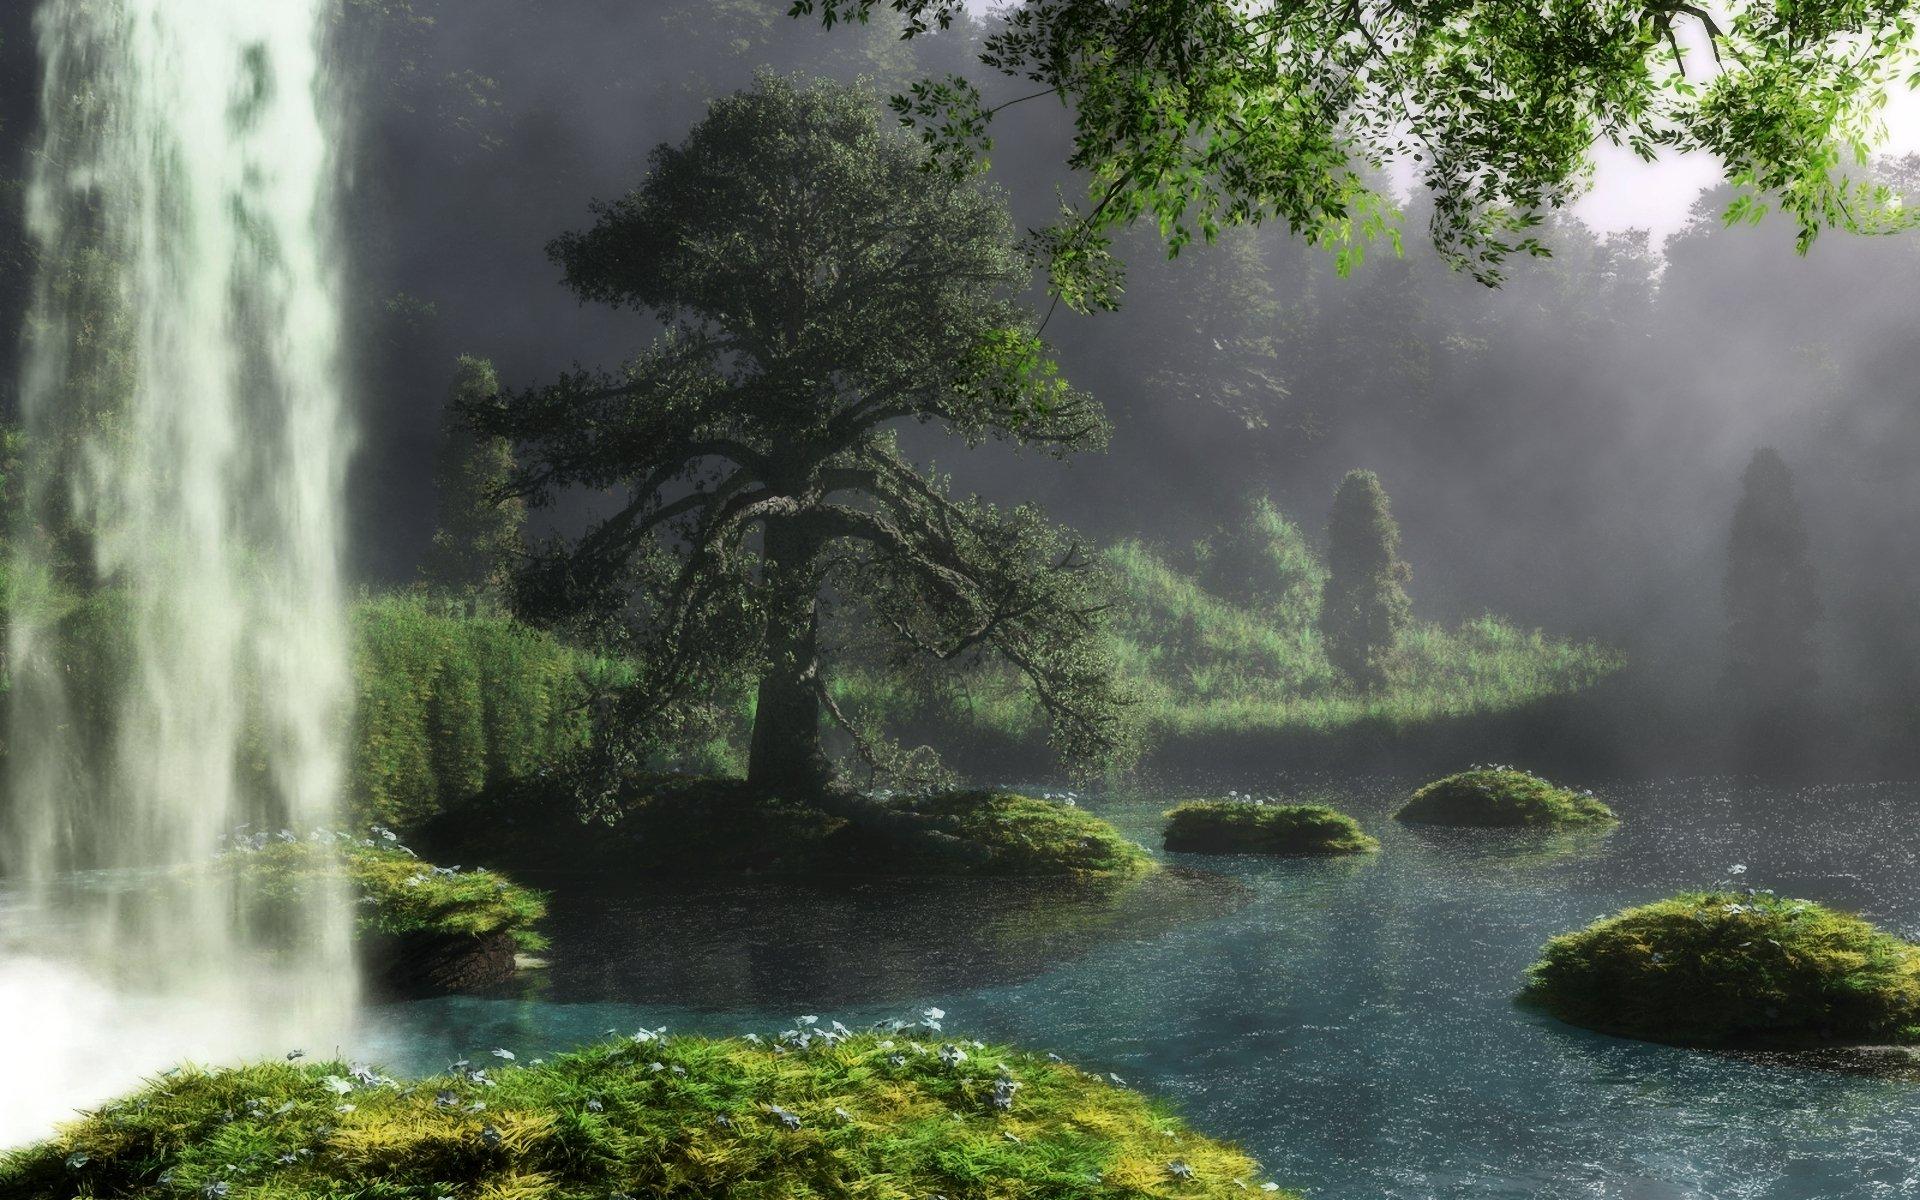 природа река водопад деревья  № 2490063 загрузить